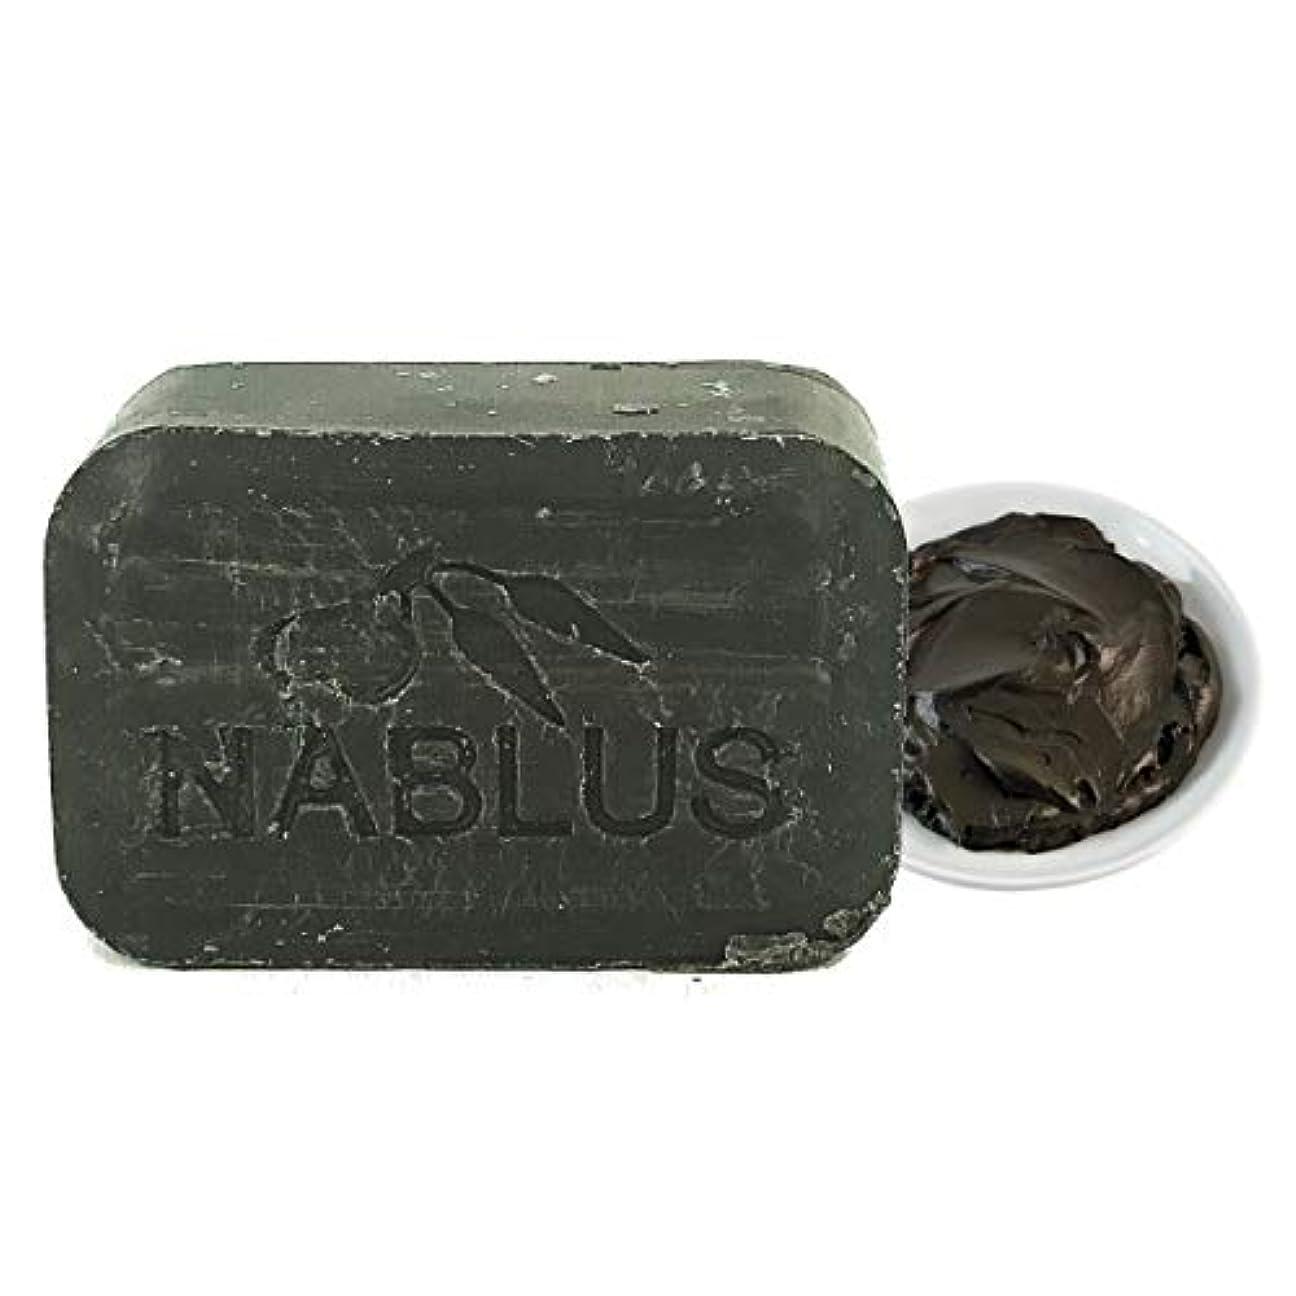 【正規販売店】ナーブルスソープ 無添加 オーガニック石鹸 洗顔&ボディー 100g エコサート認証取得 (死海の泥 (Dead Sea Mud))